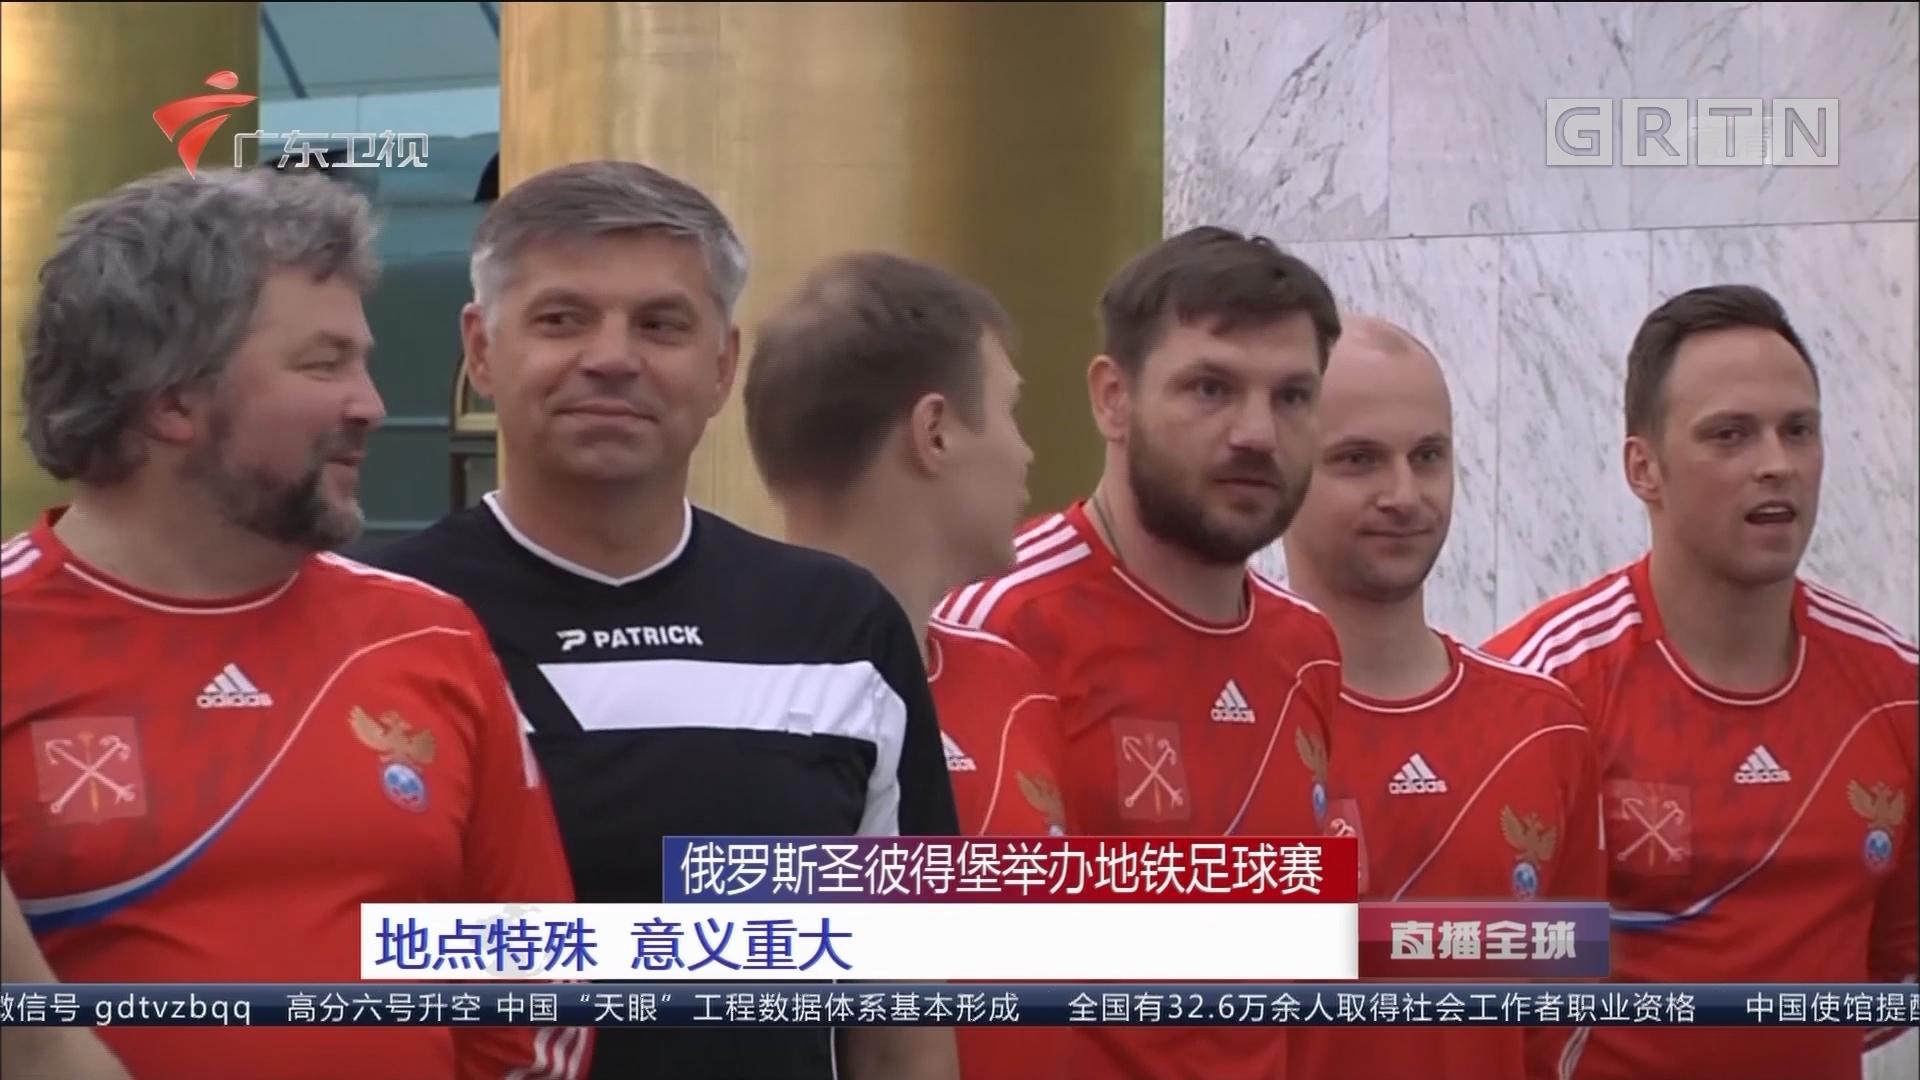 俄罗斯圣彼得堡举办地铁足球赛:地点特殊 意义重大